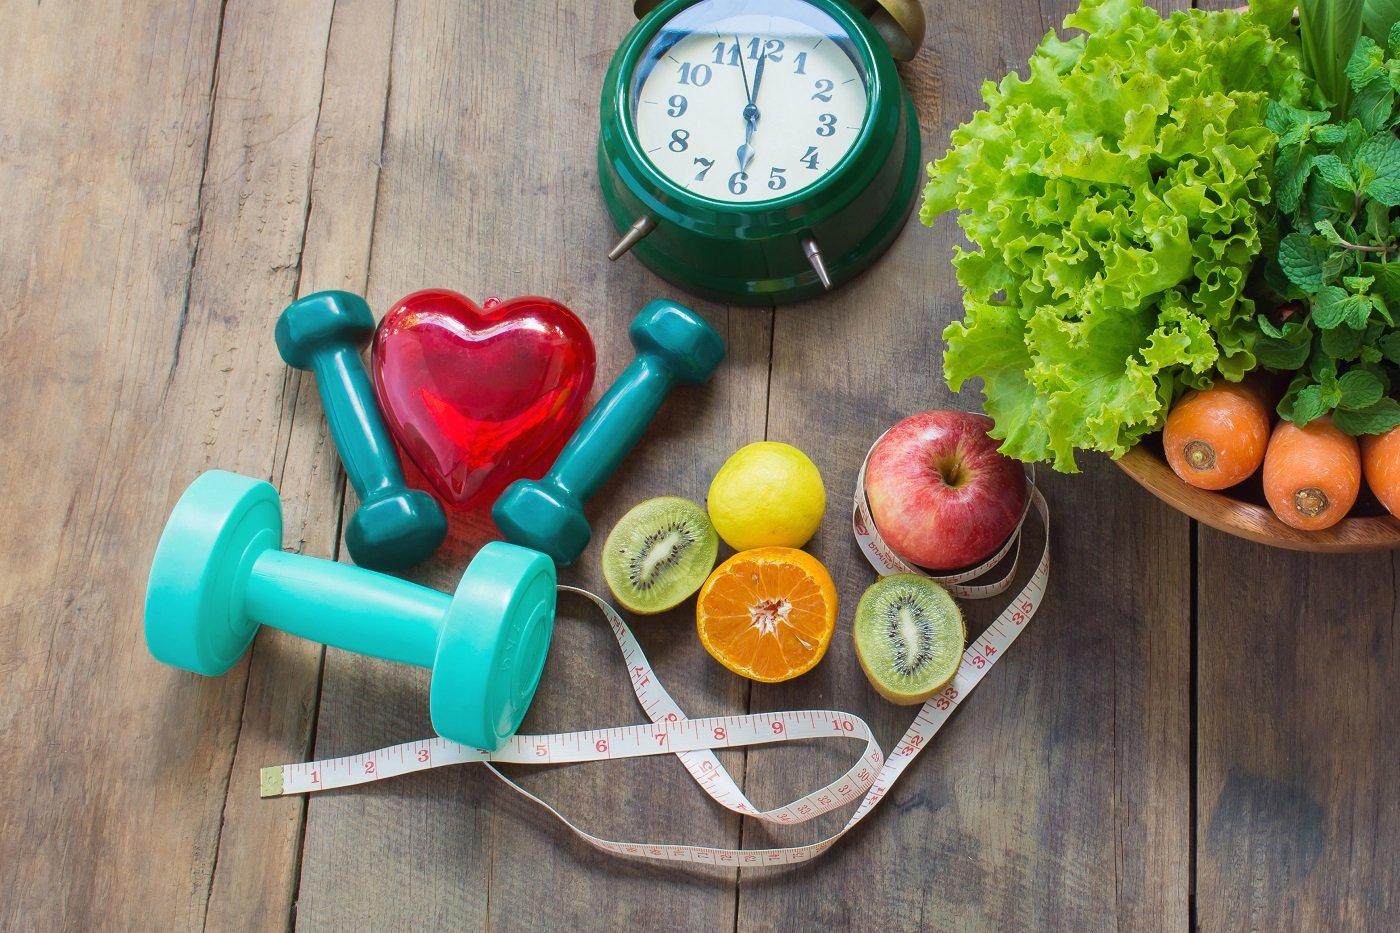 15 cách giảm cân sau Tết hiệu quả cho dáng gọn eo xinh